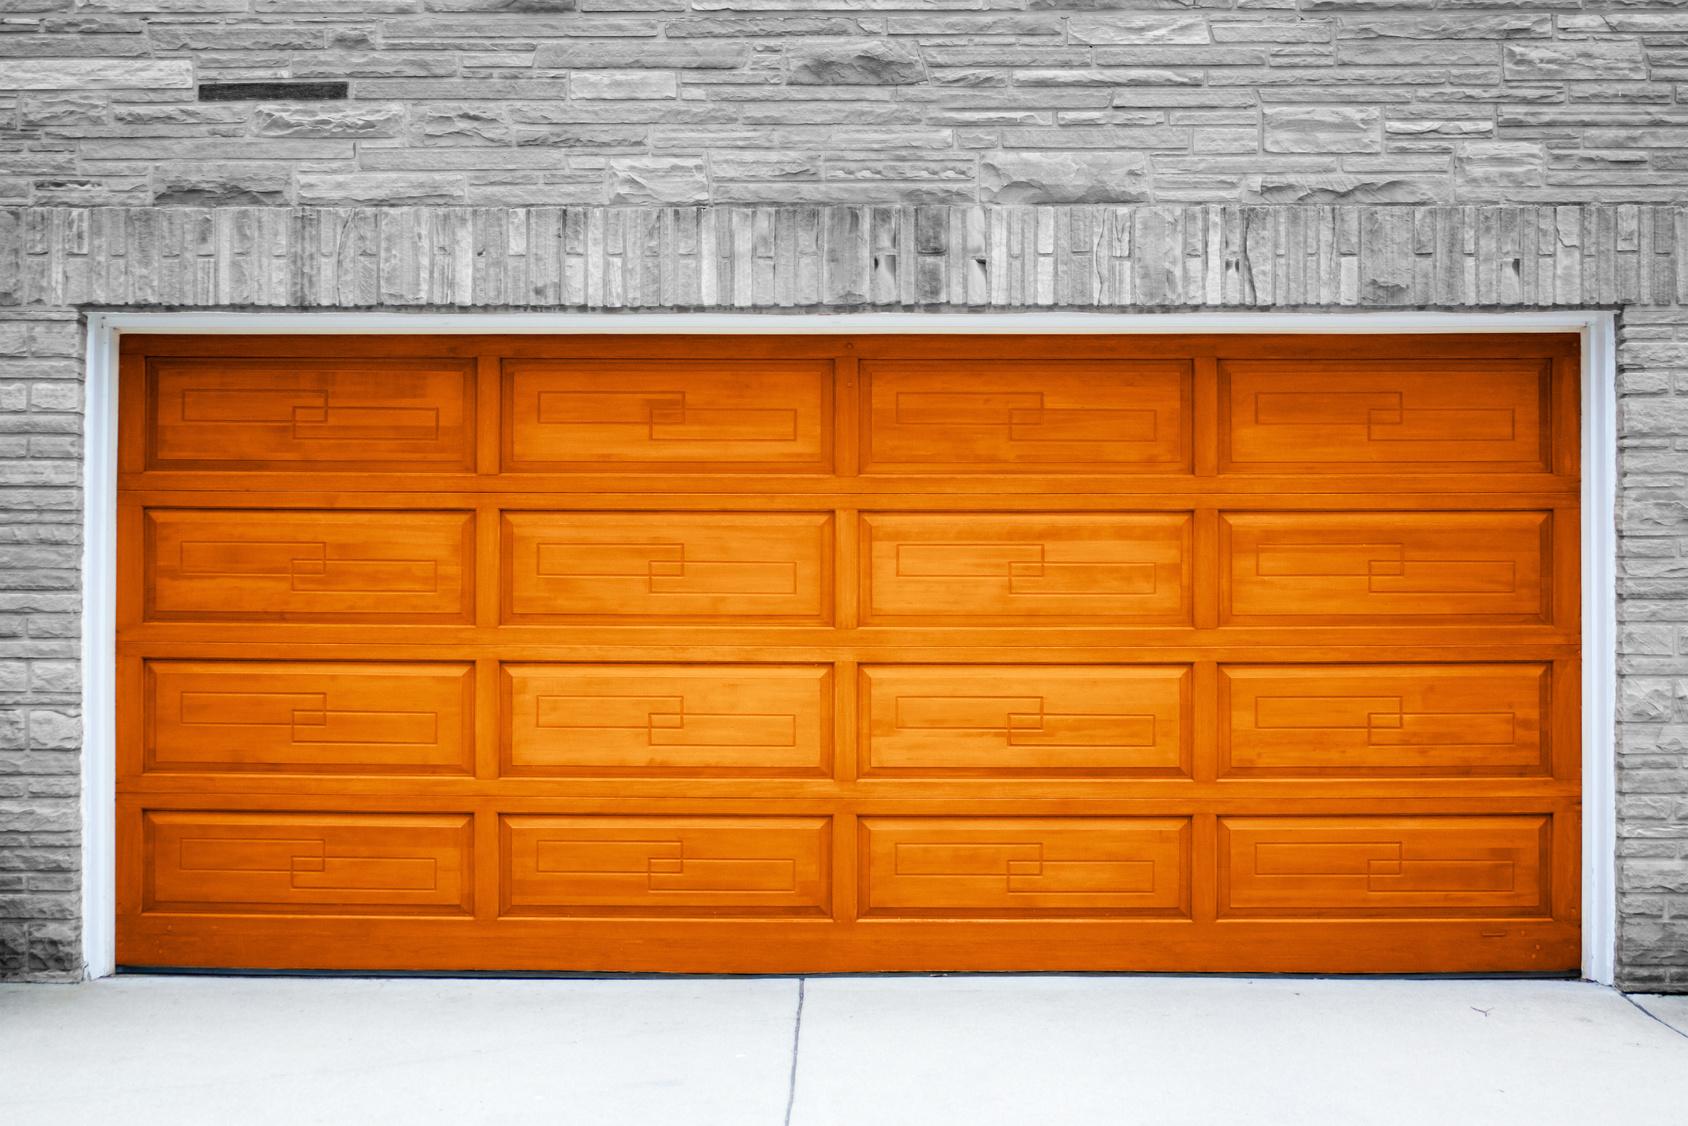 Liberty Overhead Door image 1